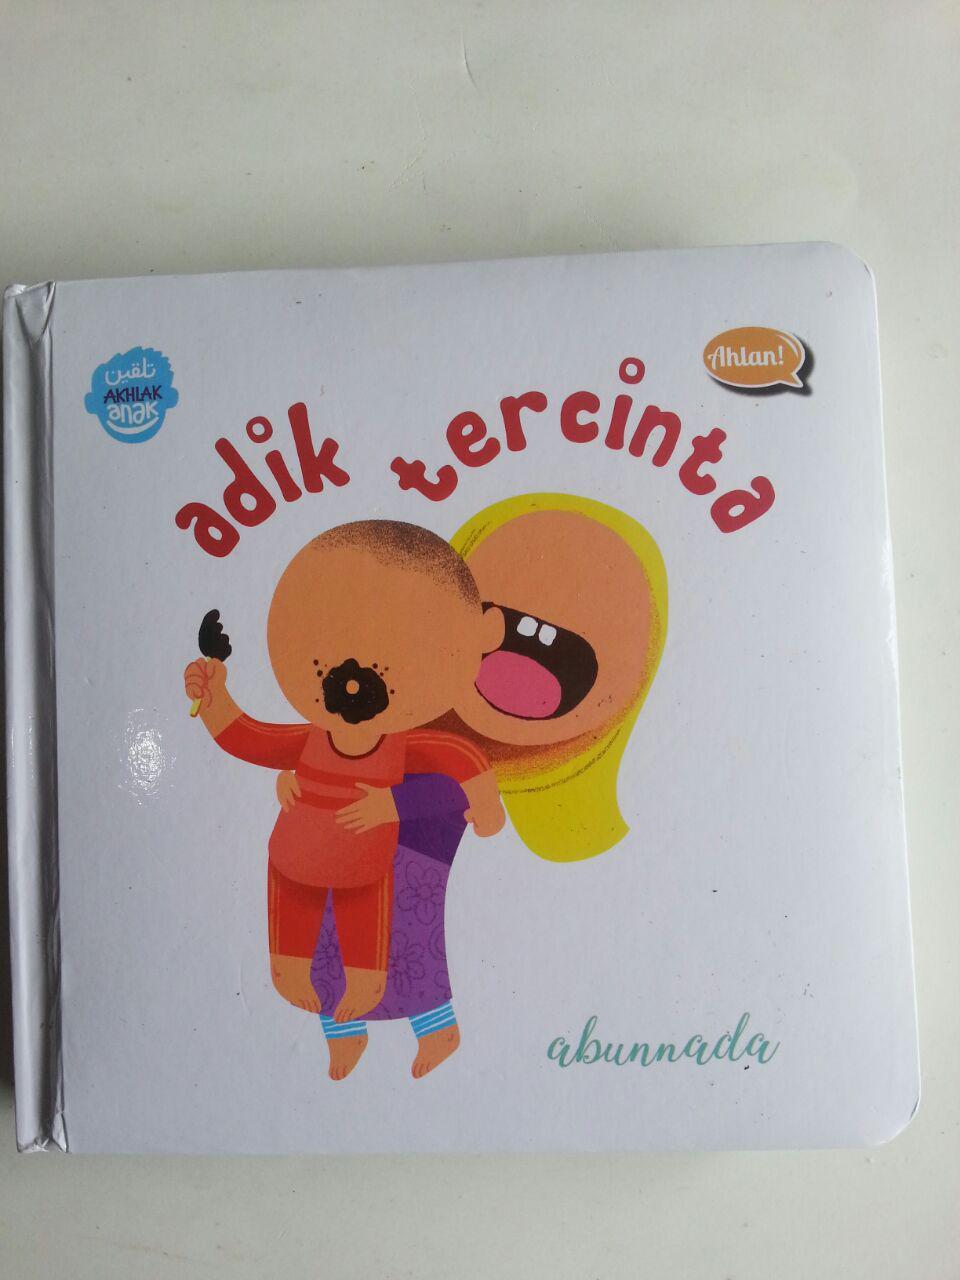 Buku Anak Boarbook Adik Tercinta cover